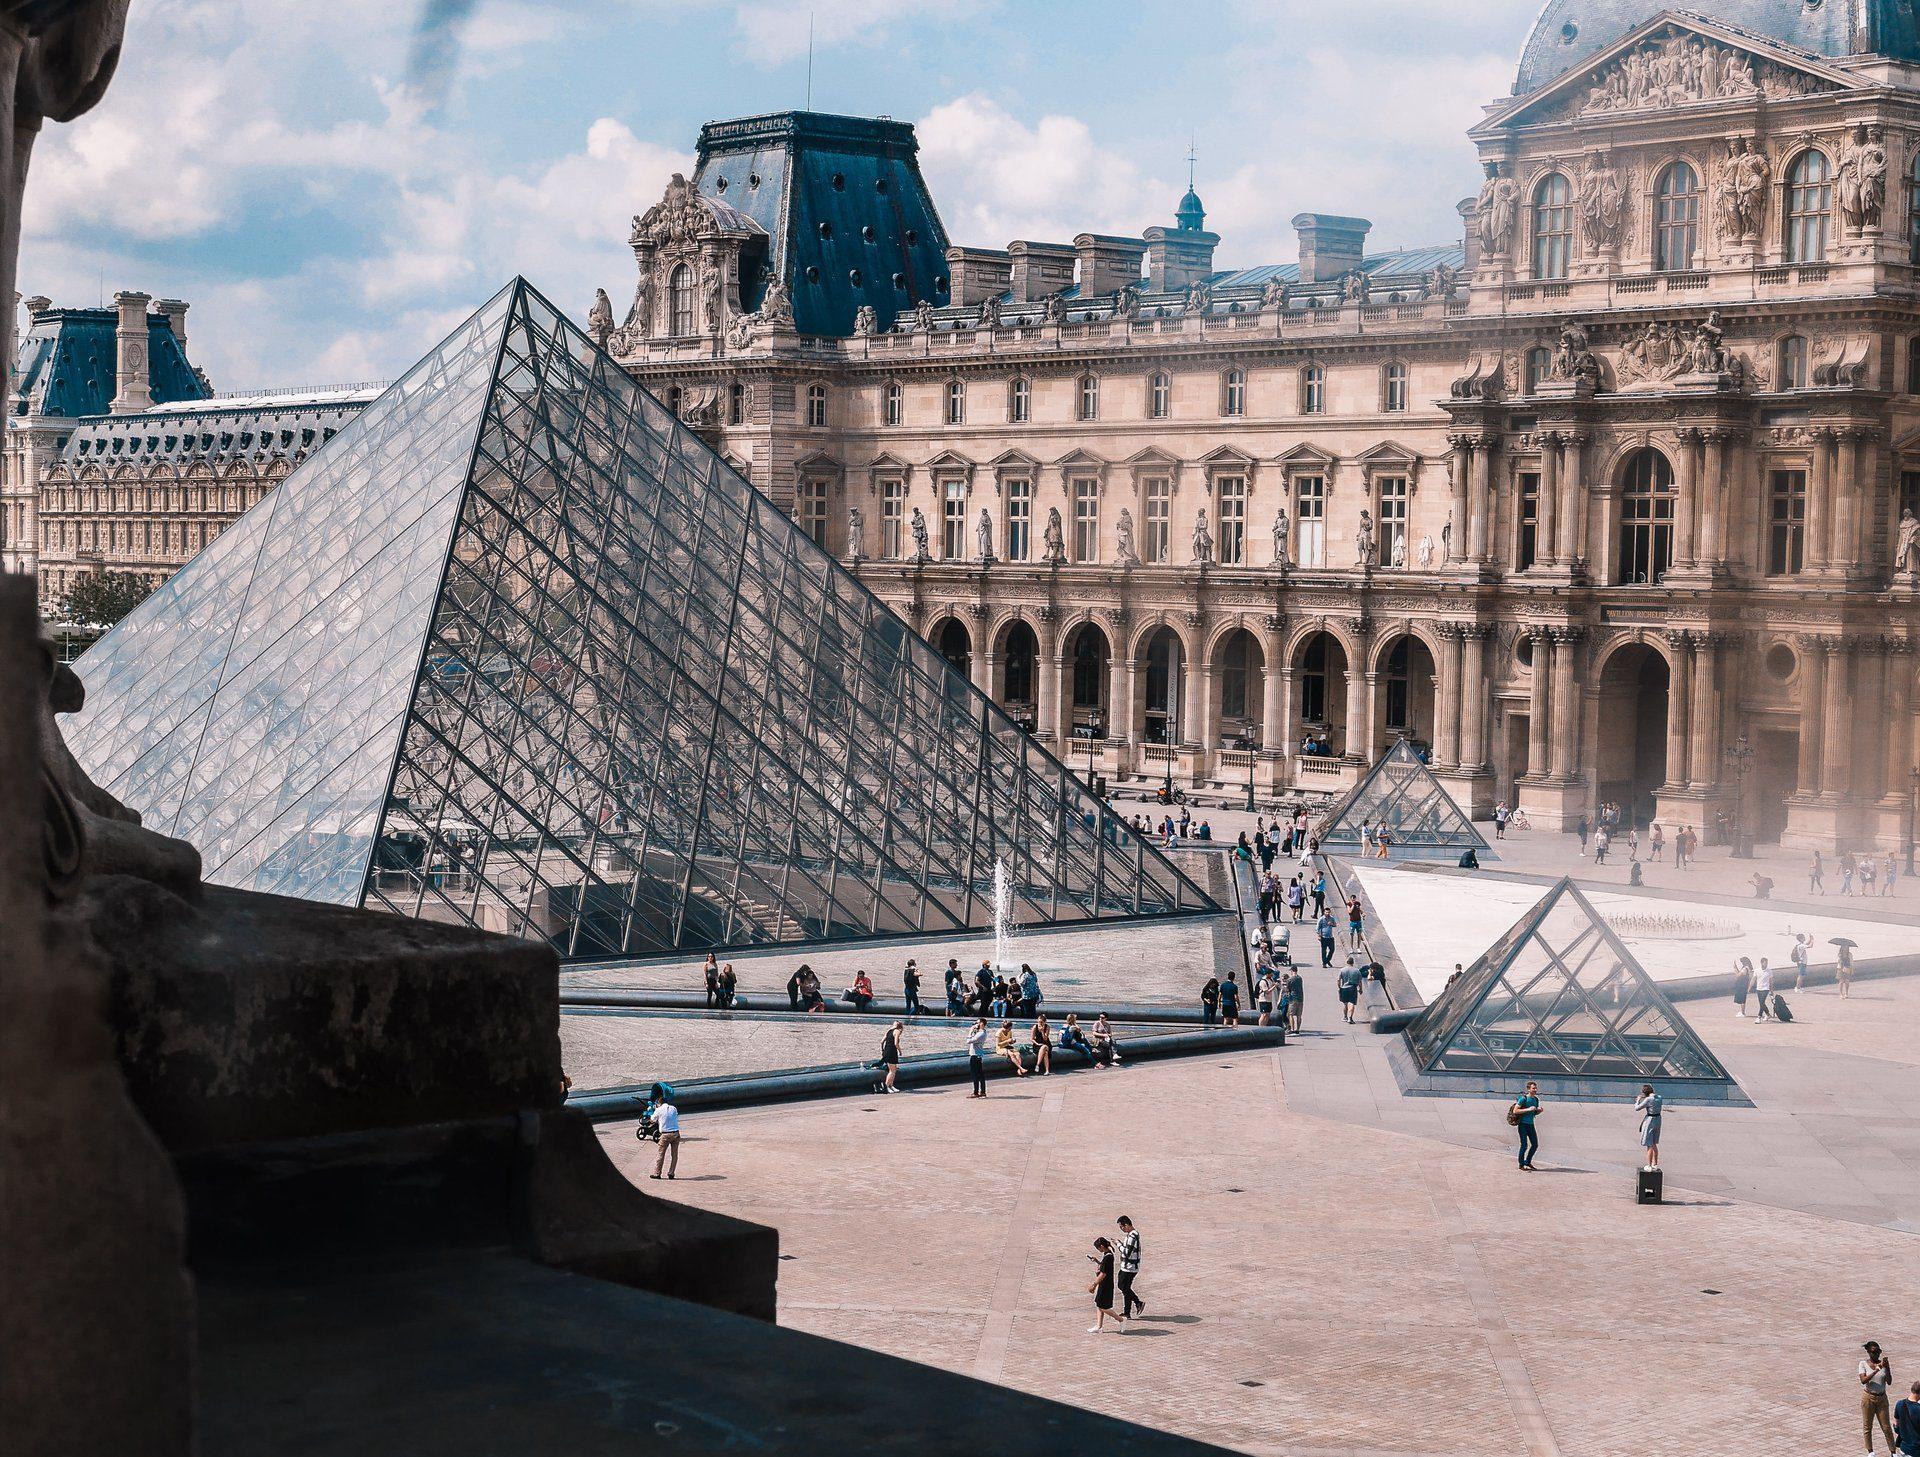 Les plus grandes œuvres sont exposées au Musée du Louvre